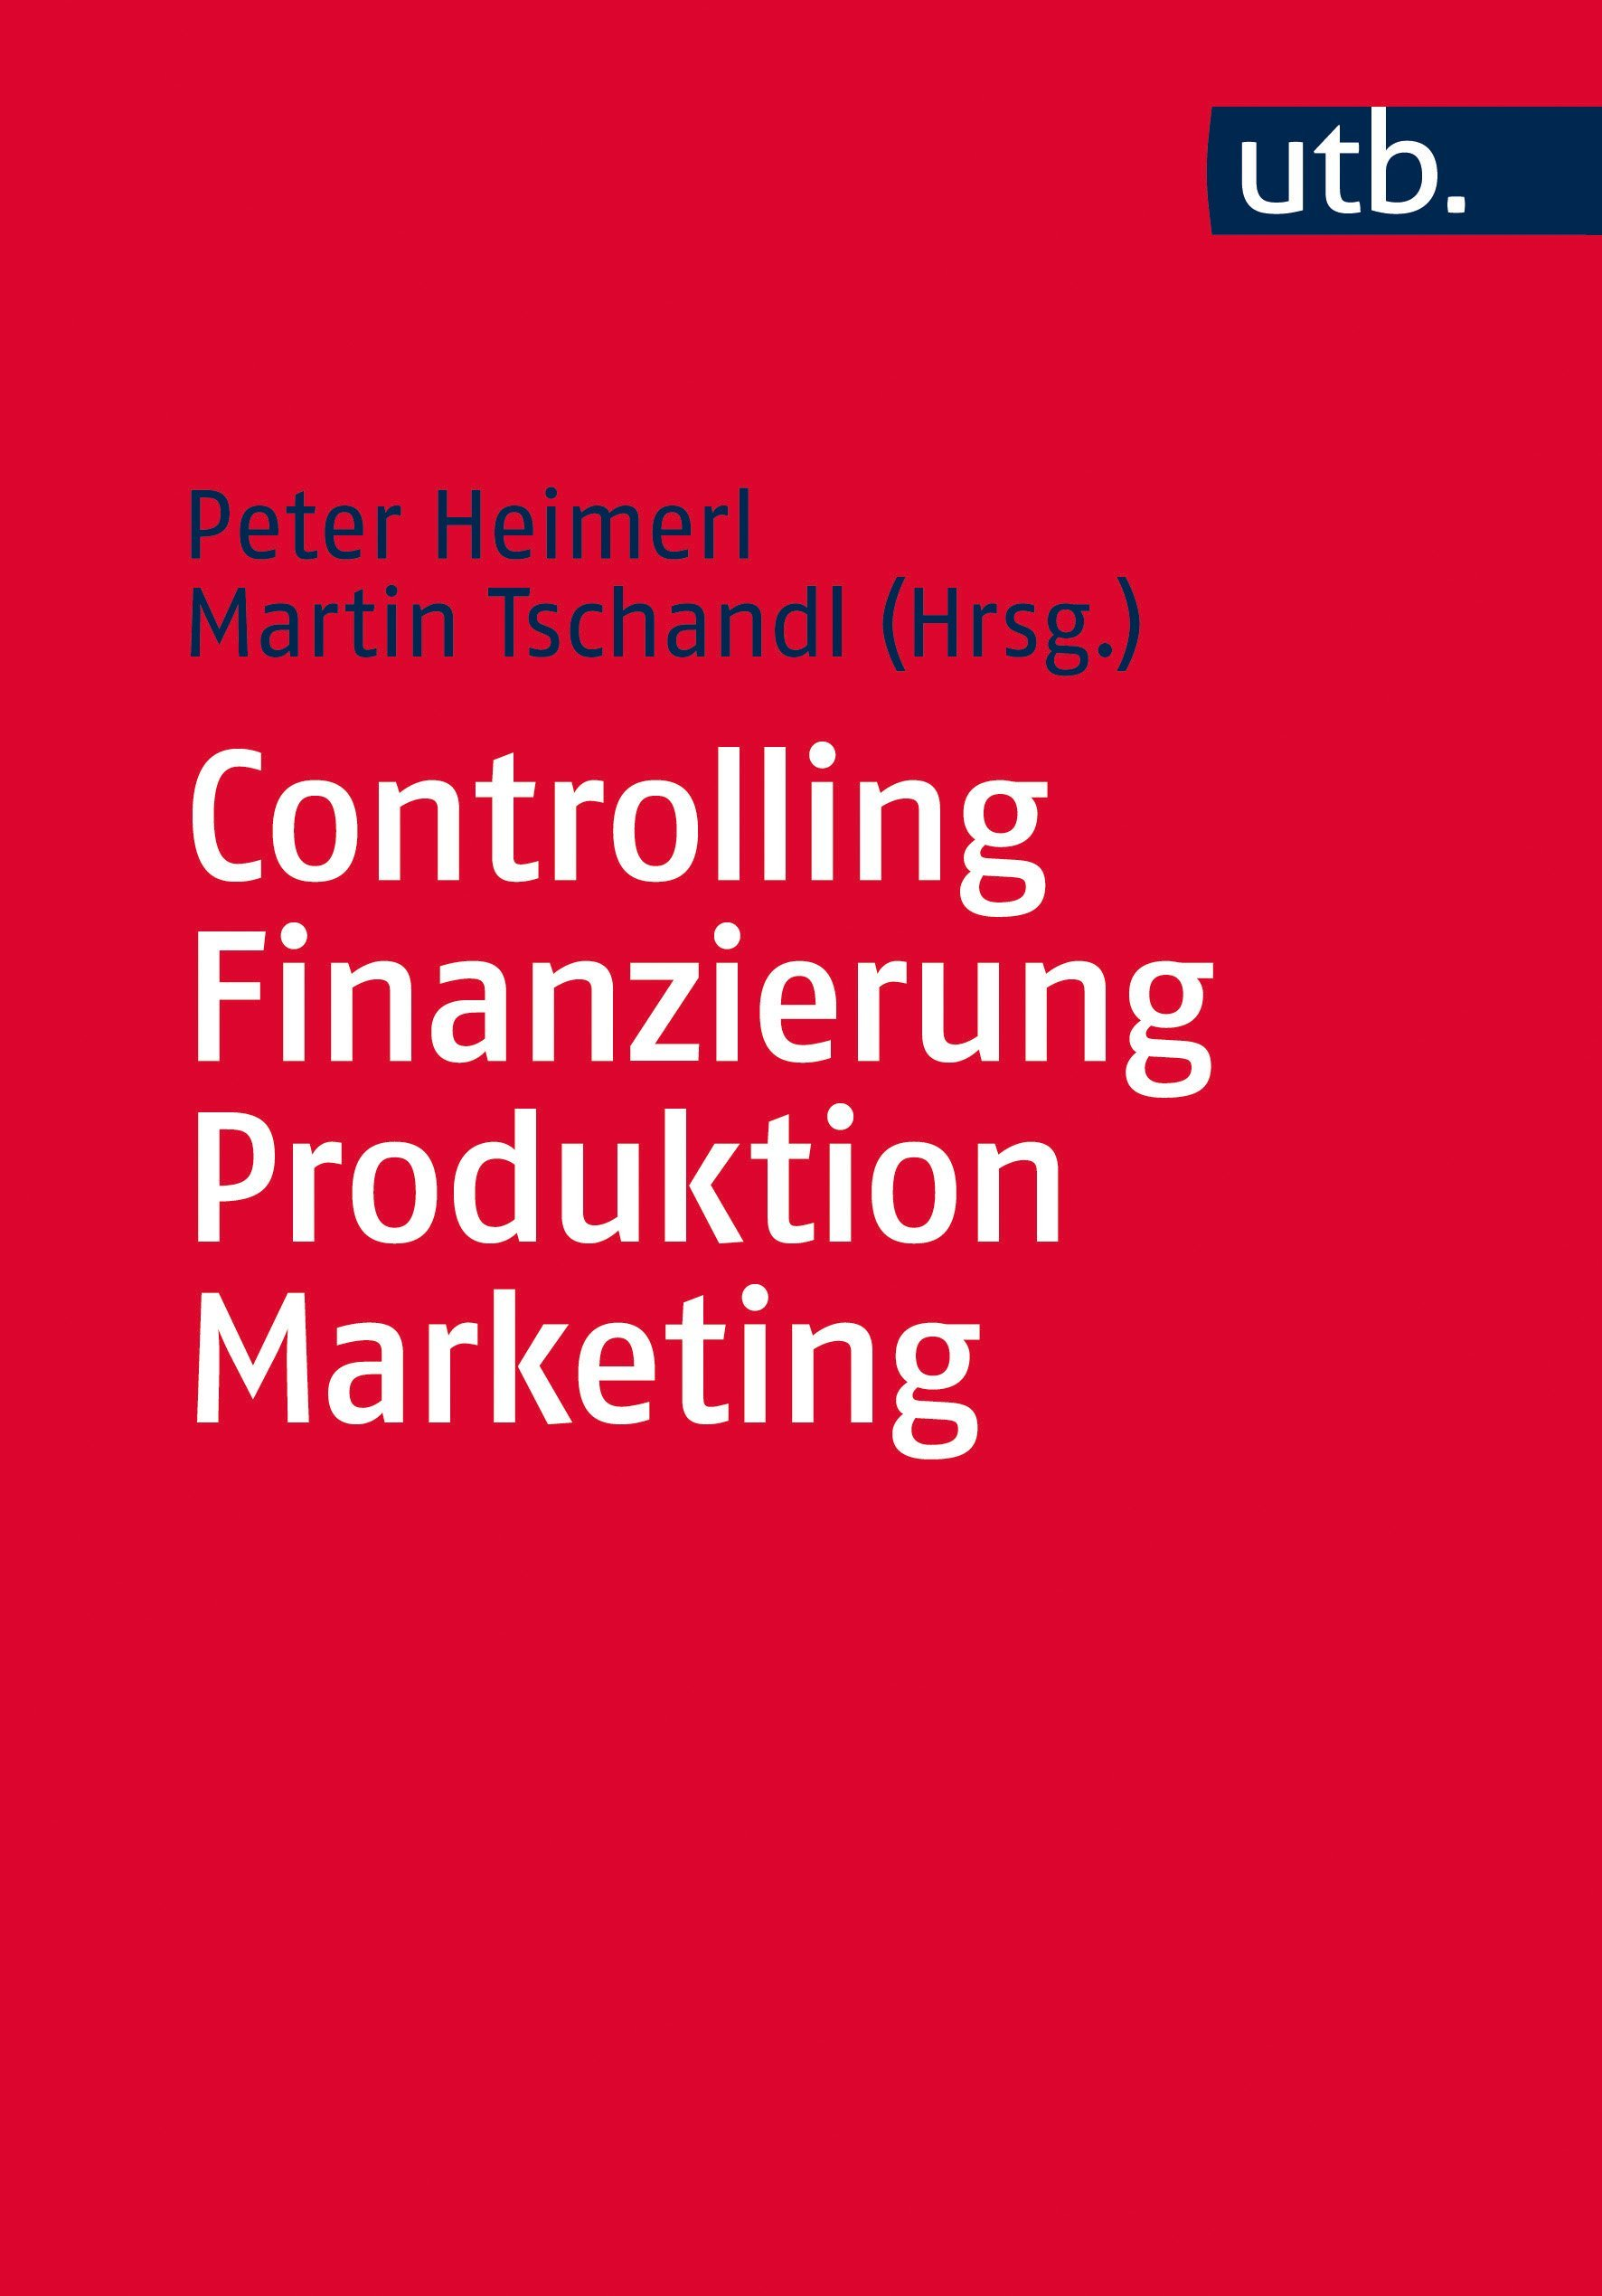 Controlling – Finanzierung – Produktion – Marketing Taschenbuch – 19. November 2014 Peter Heimerl Martin Tschandl UTB GmbH 3825243230